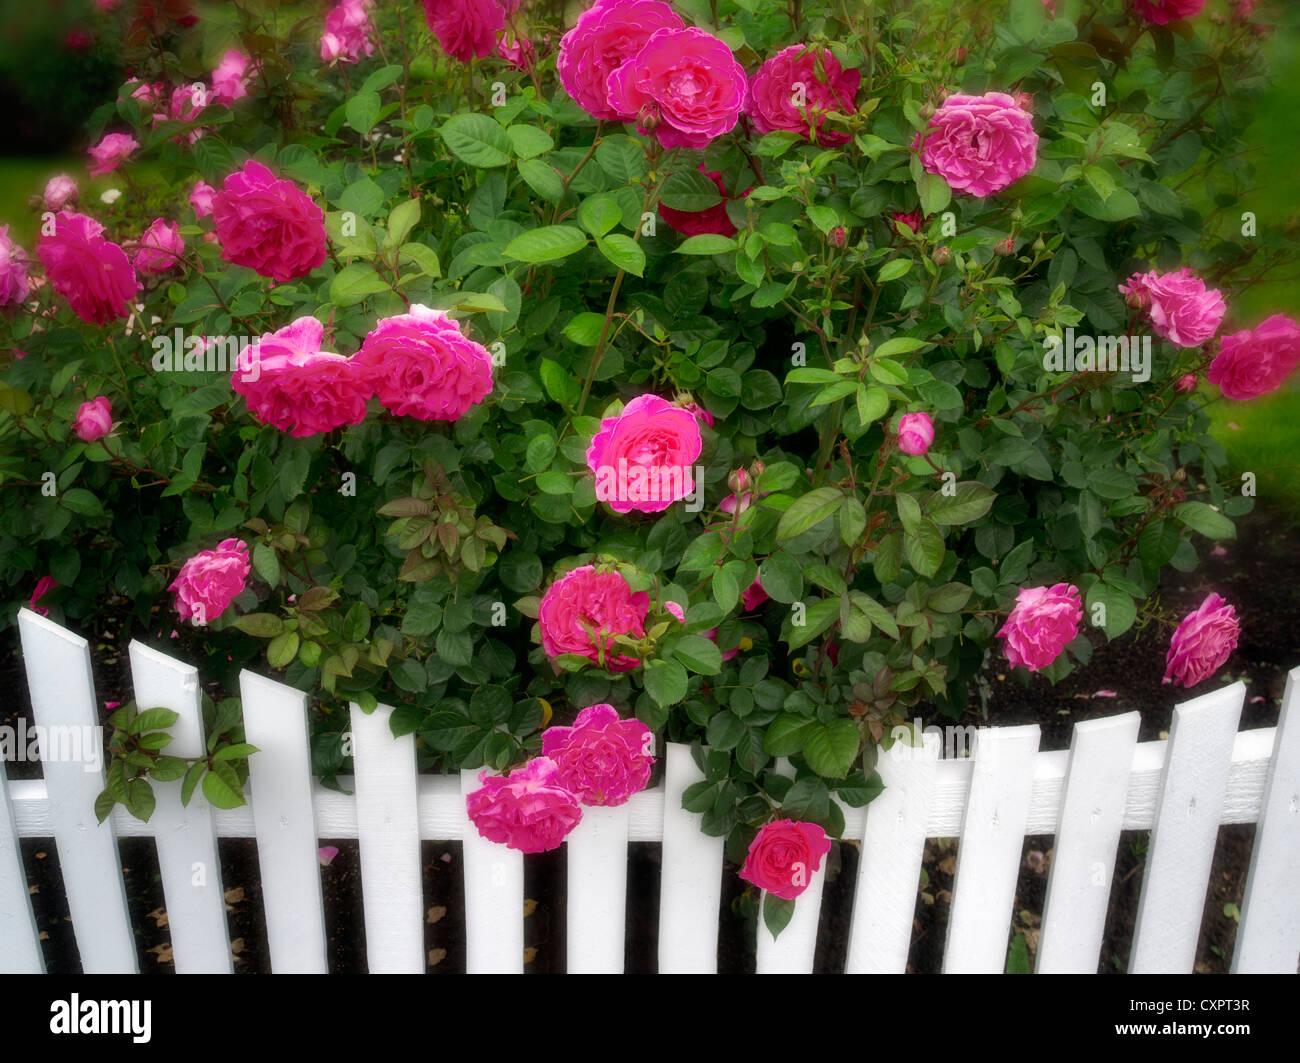 De plus en plus roses près de clôture blanche. Heirloom Gardens. St Paul, Oregon Photo Stock